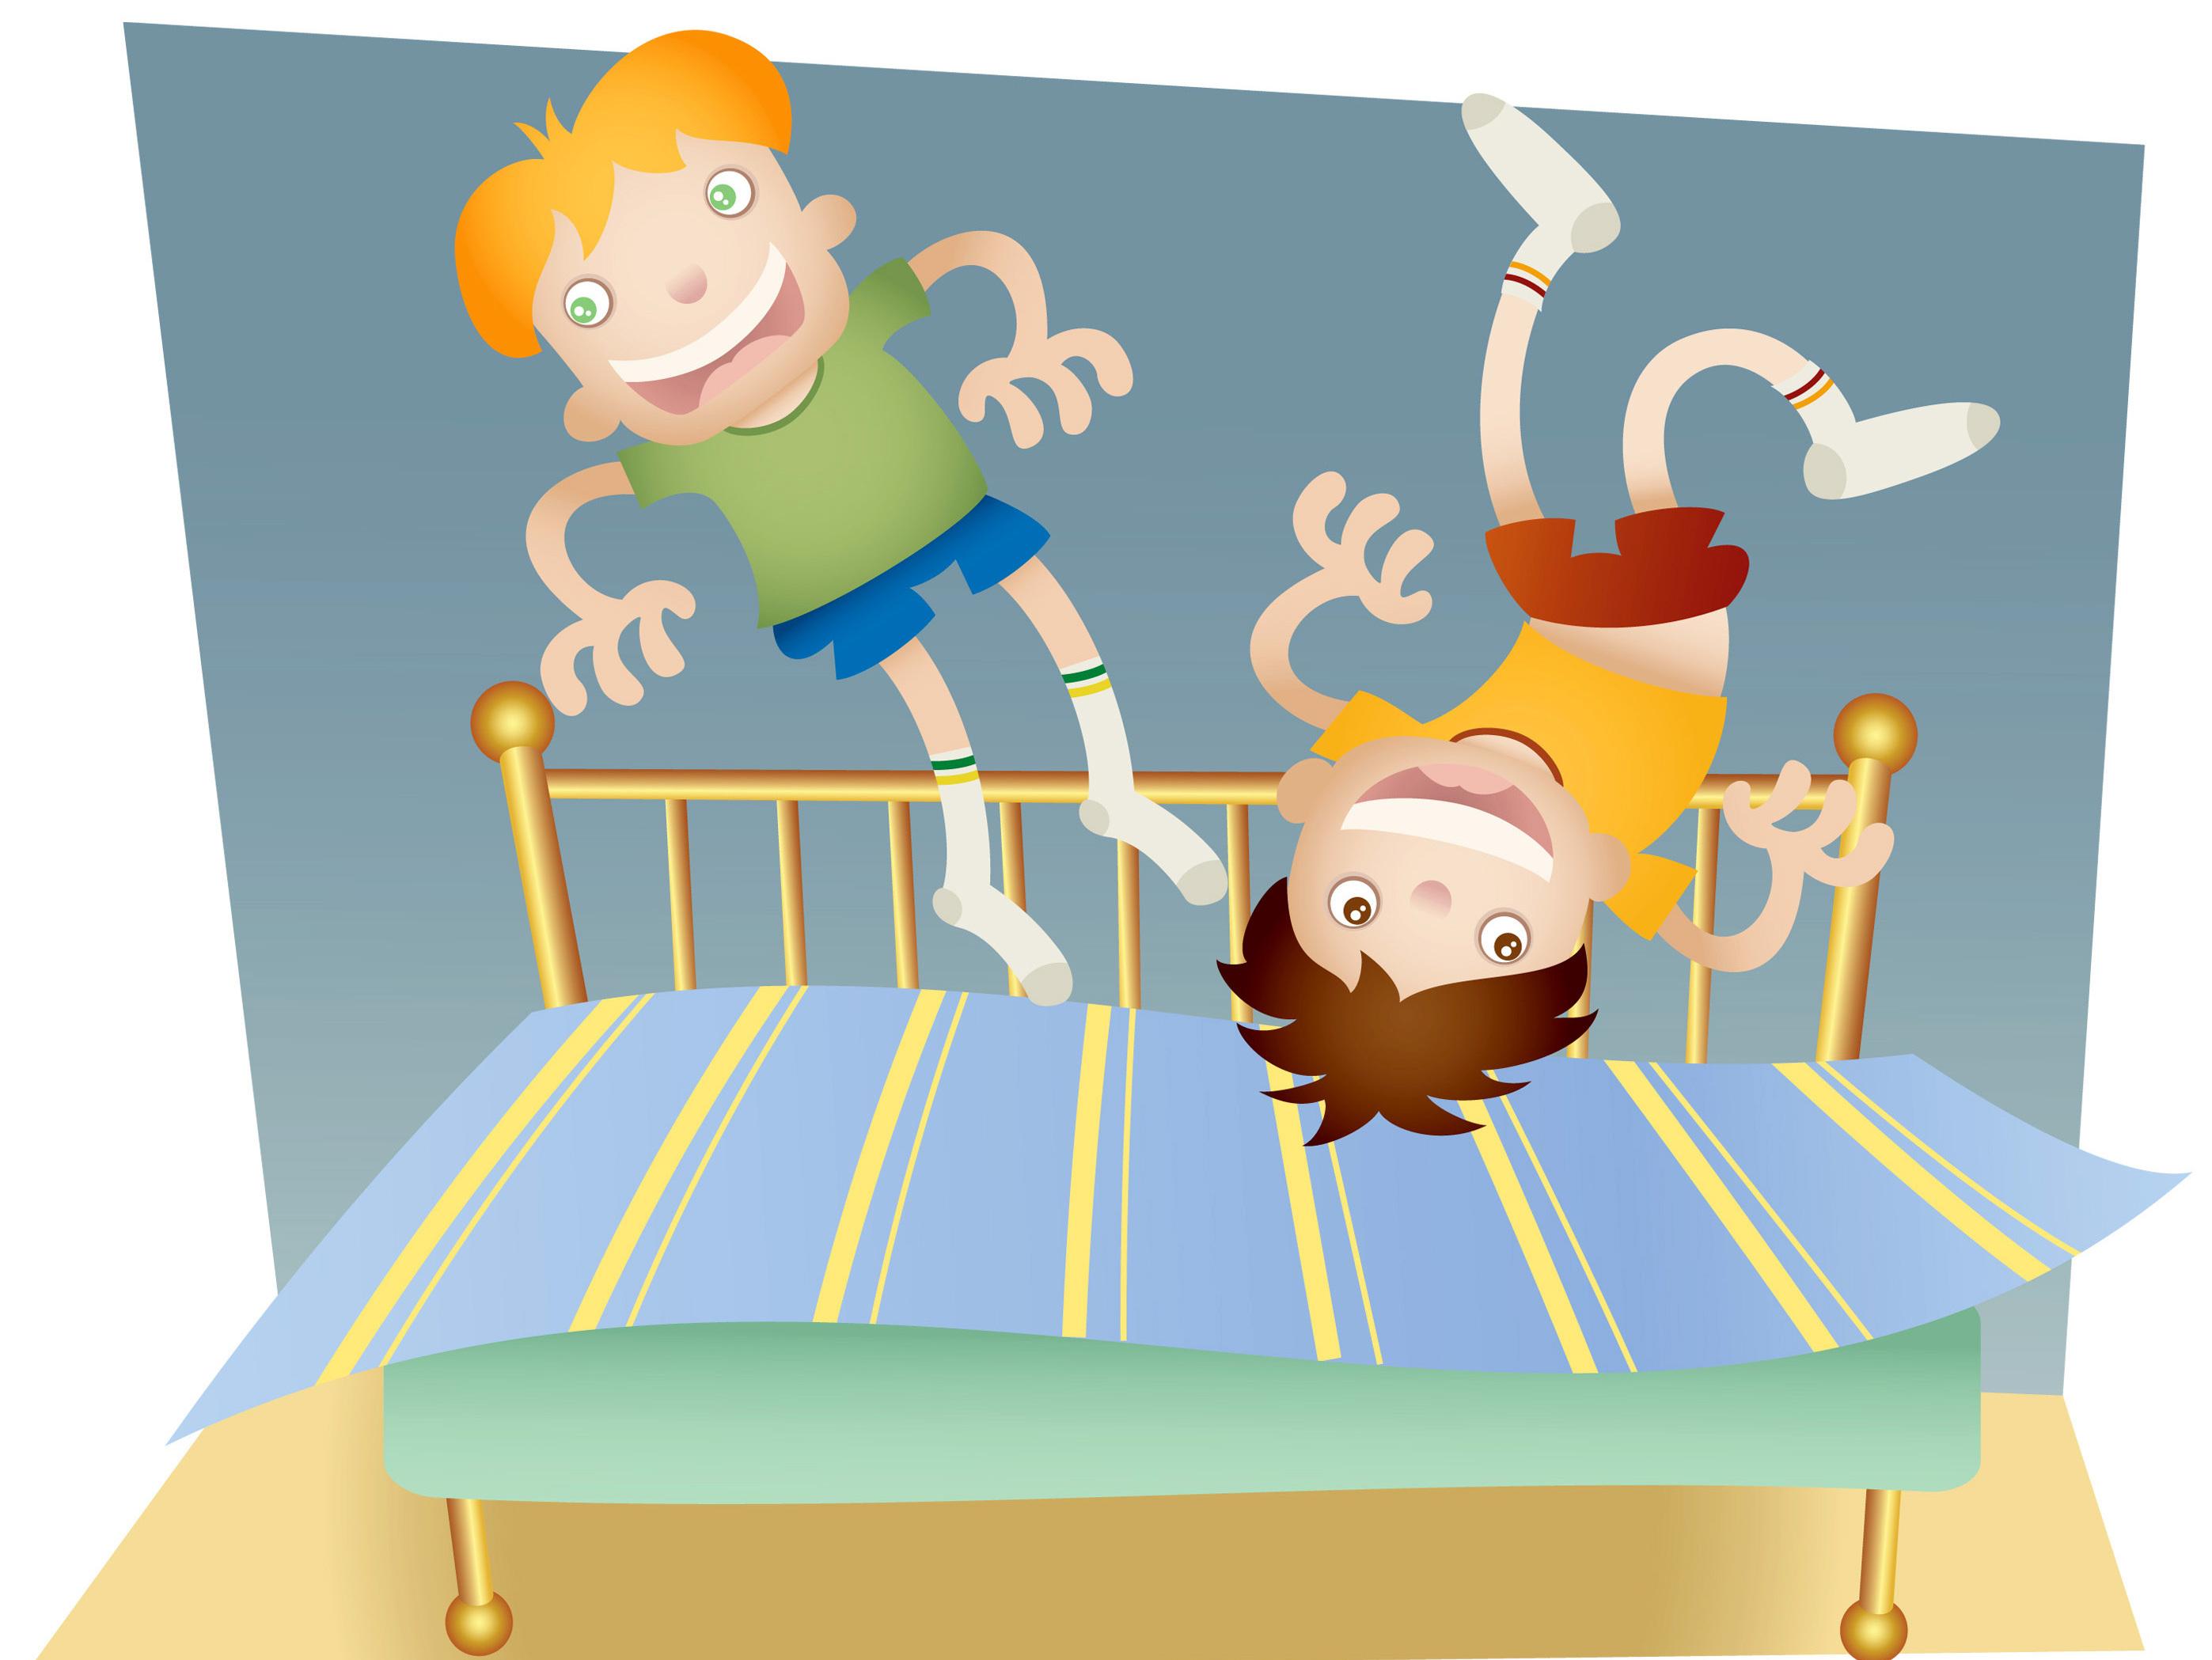 Random Bedtimes Breed Bad Behavior In Kids